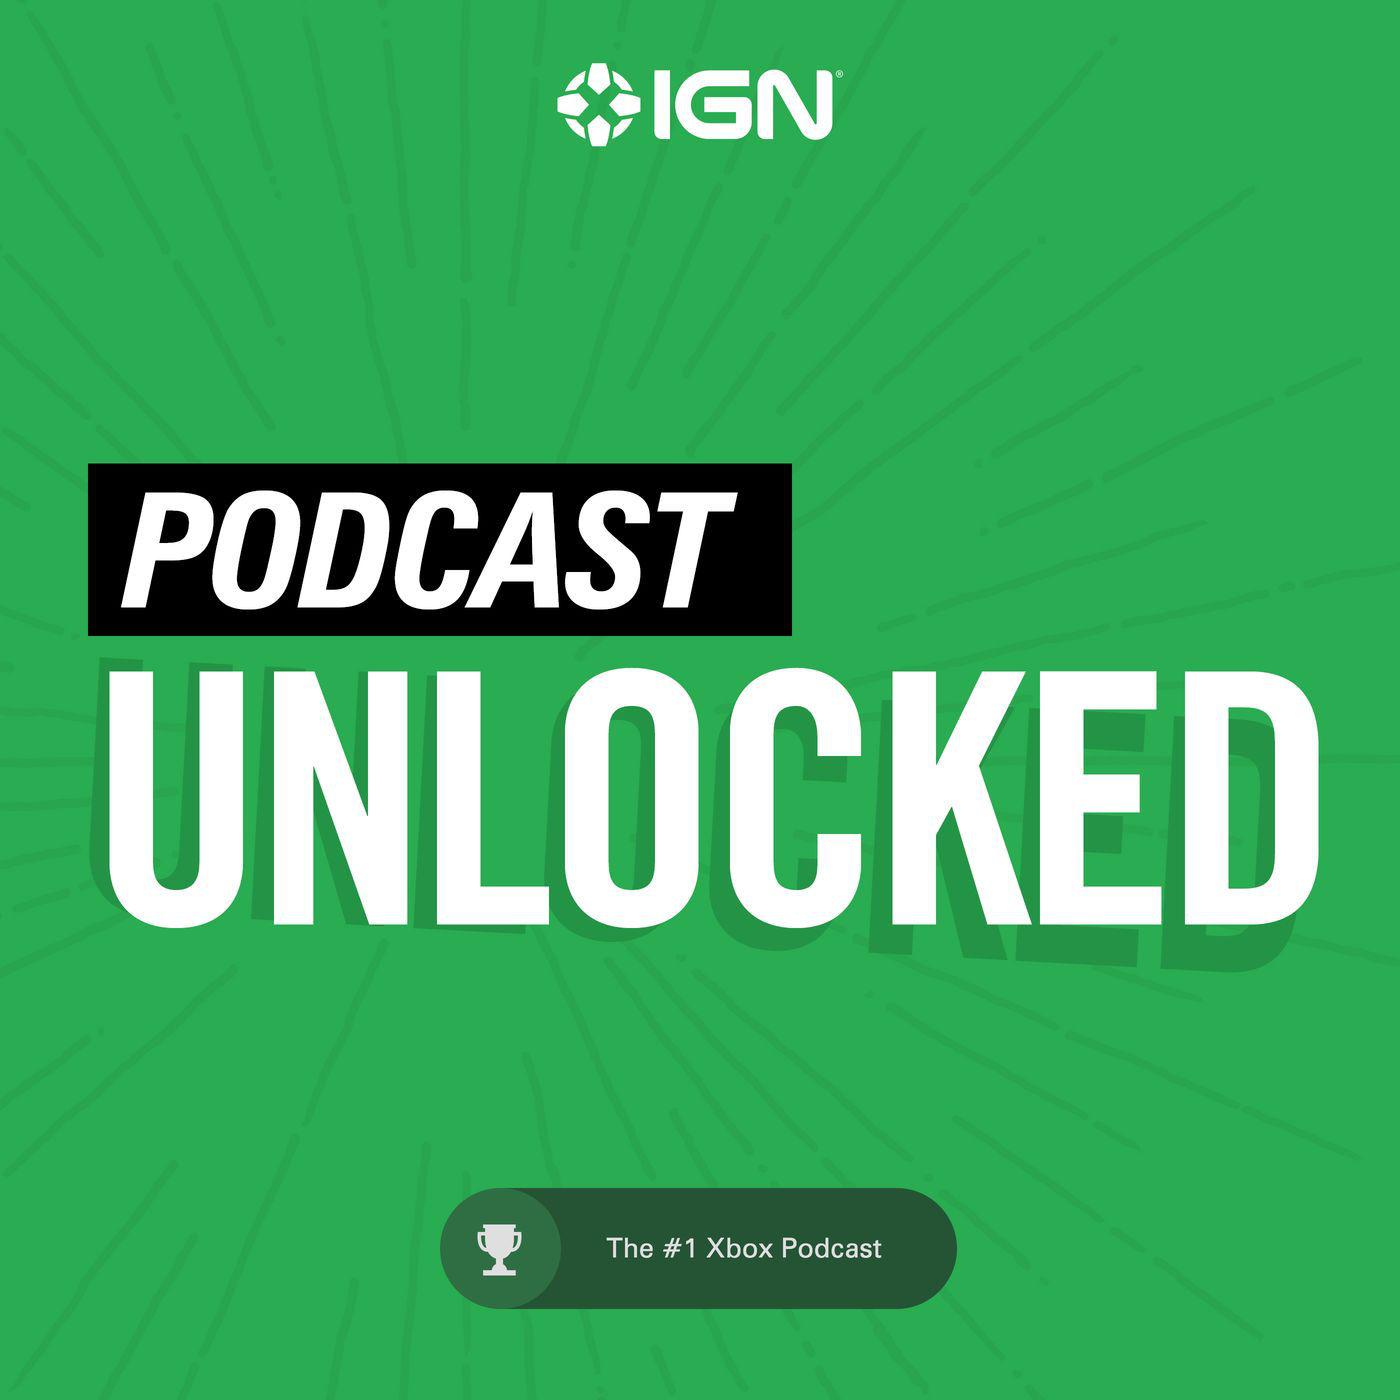 unlocked.jpg